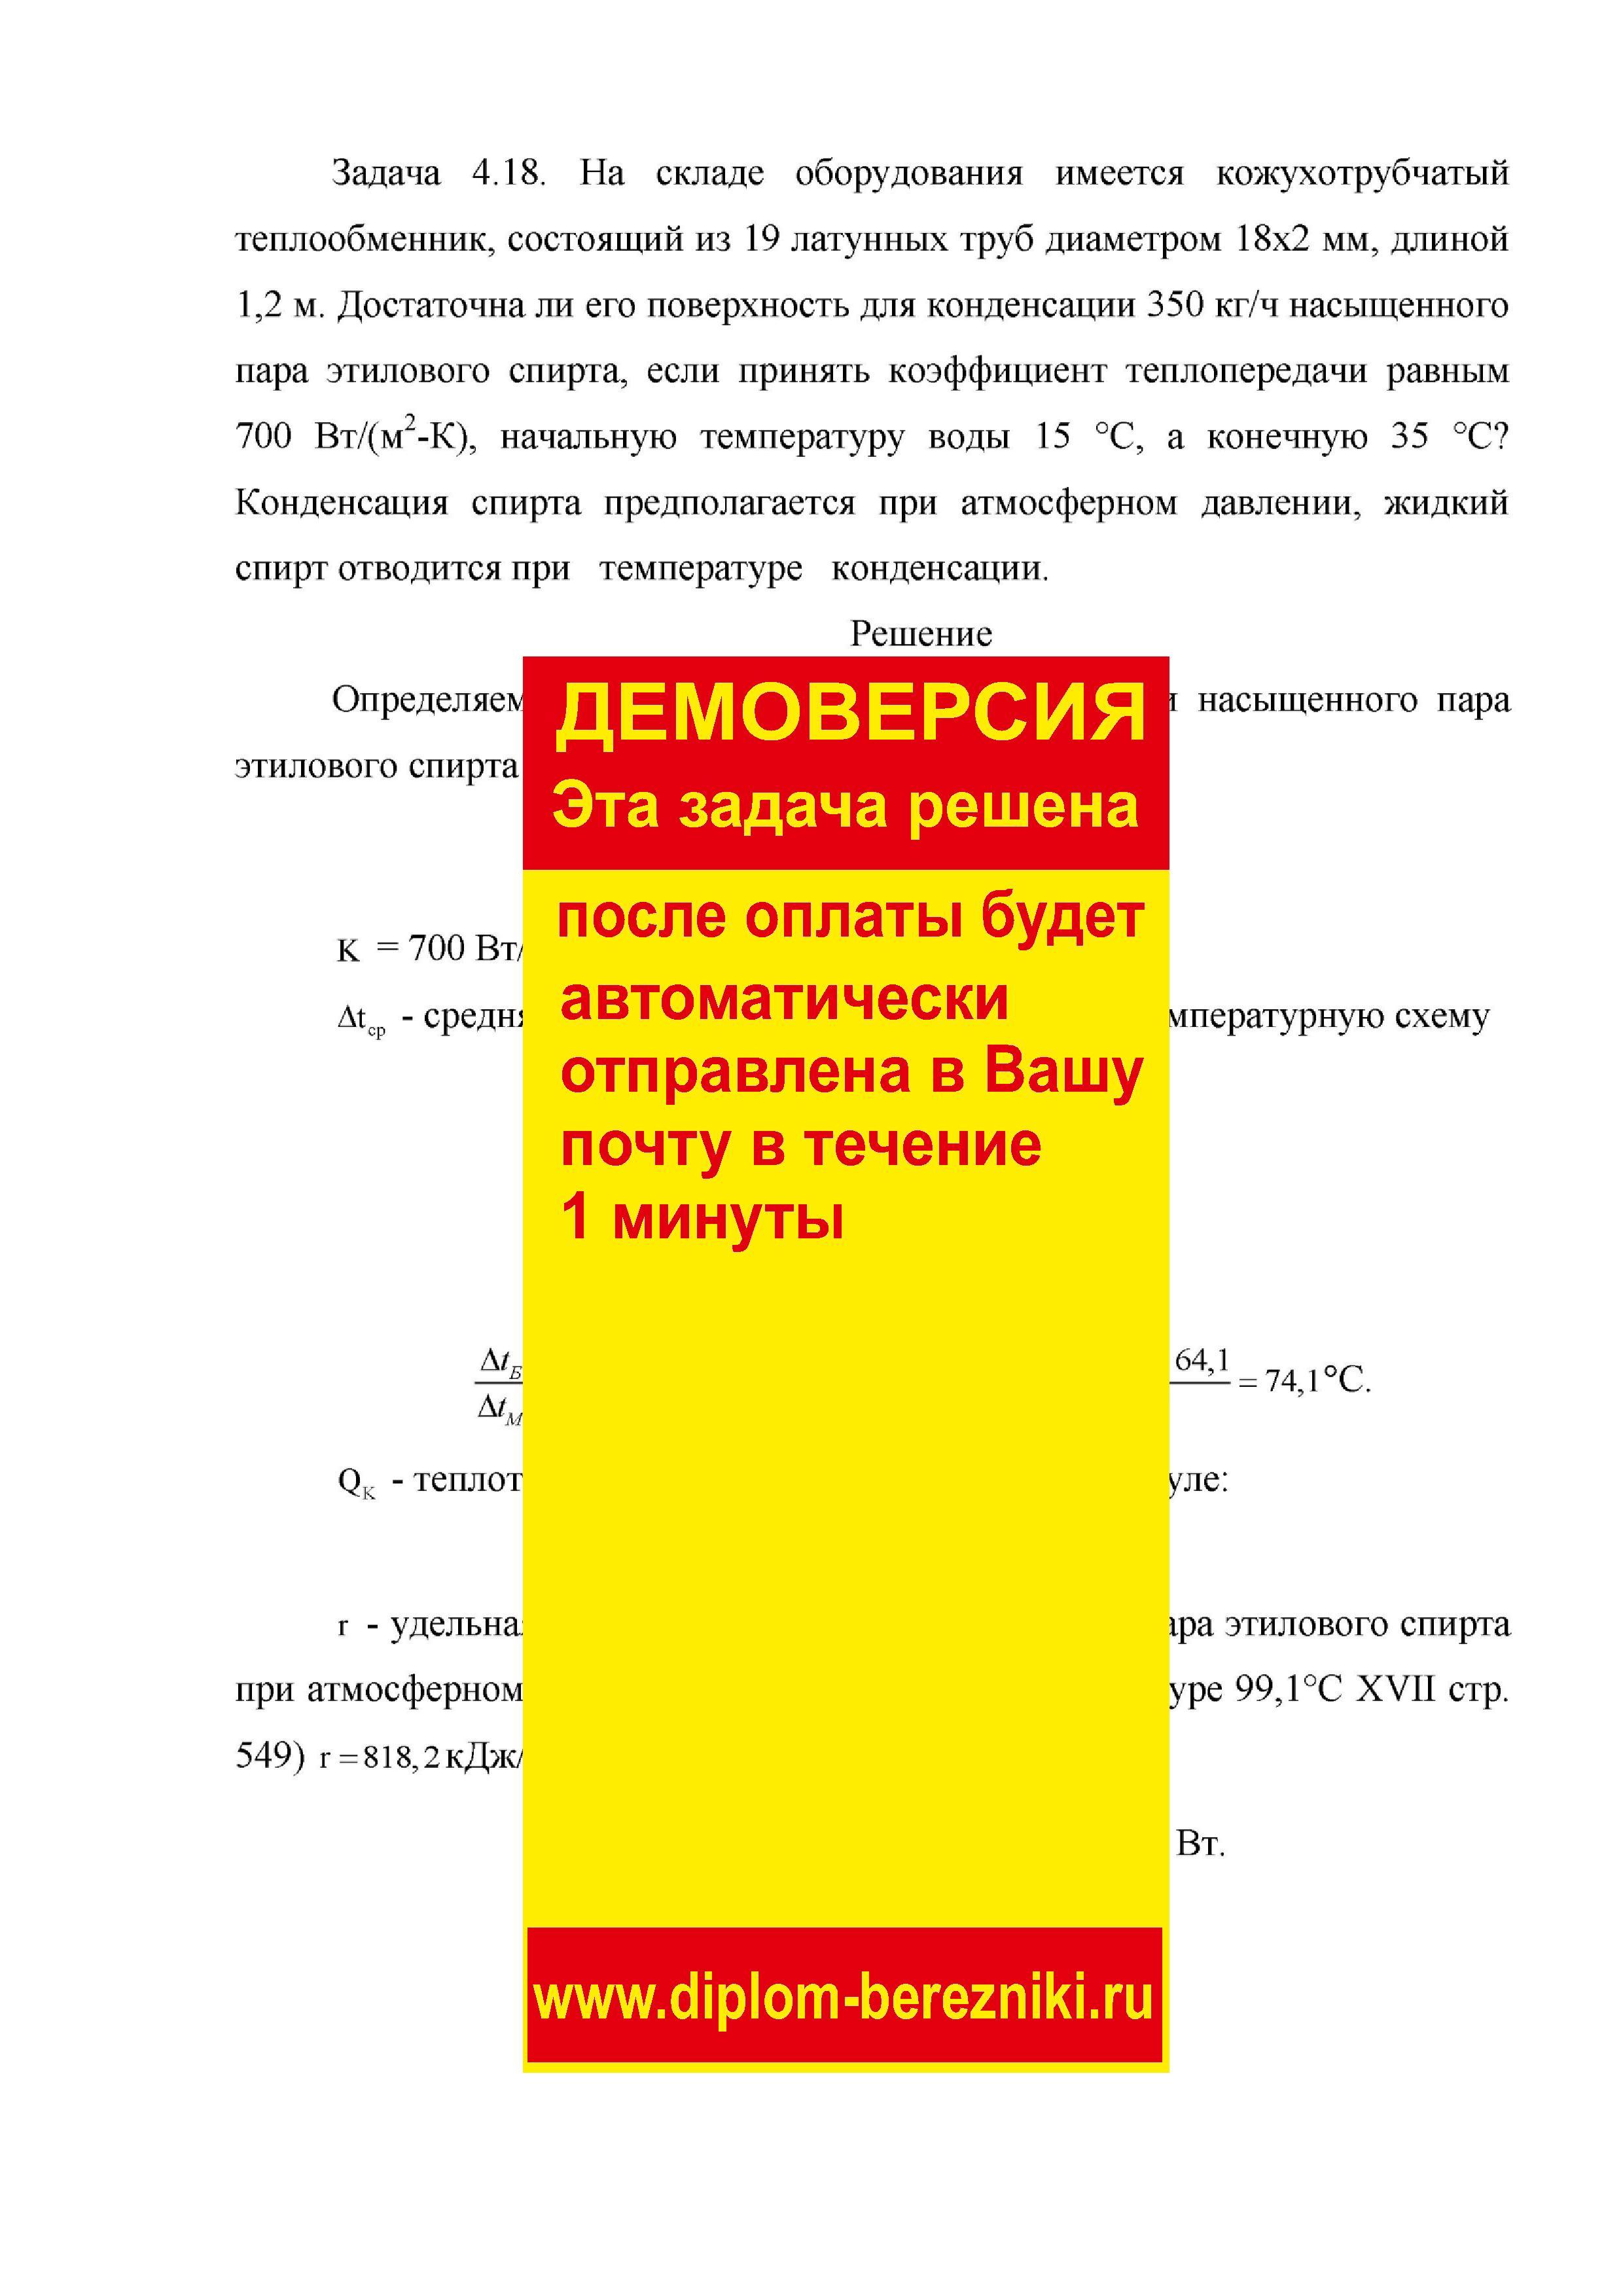 Решение задачи 4.18 по ПАХТ из задачника Павлова Романкова Носкова